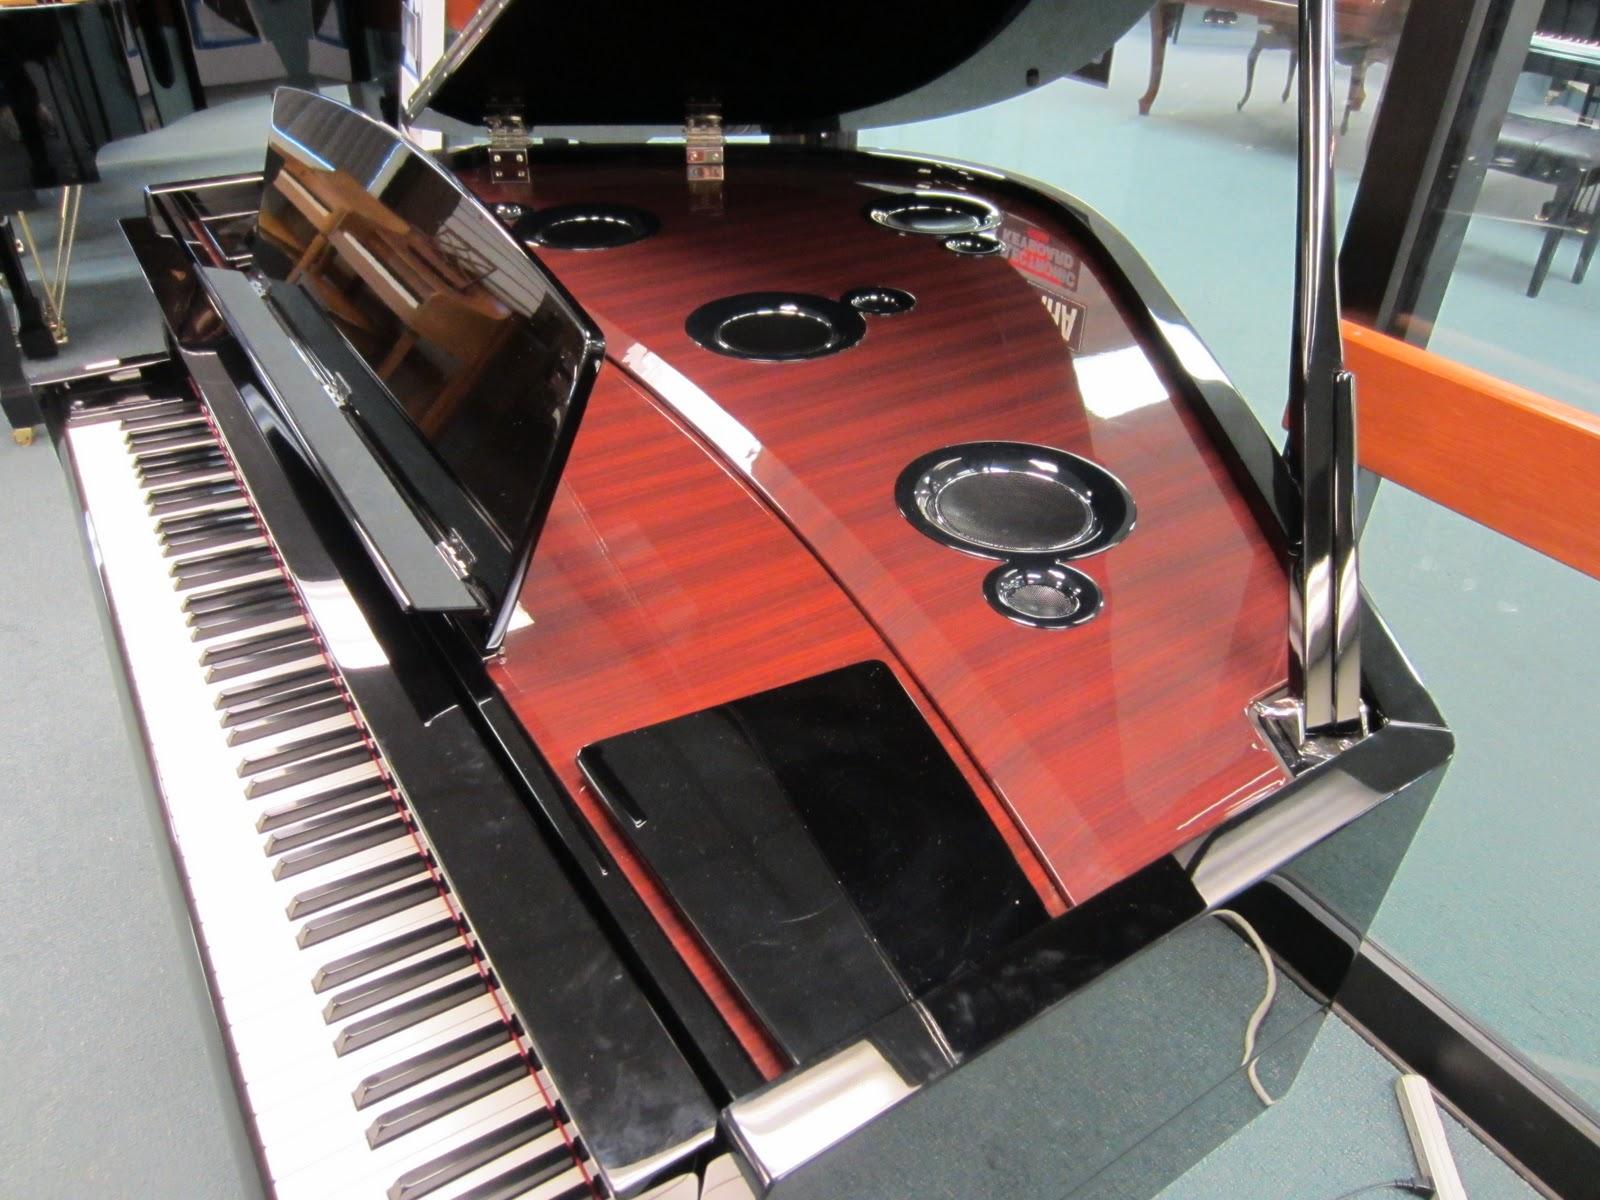 Az piano reviews review yamaha avantgrand n1 n2 n3 for Electric grand piano yamaha